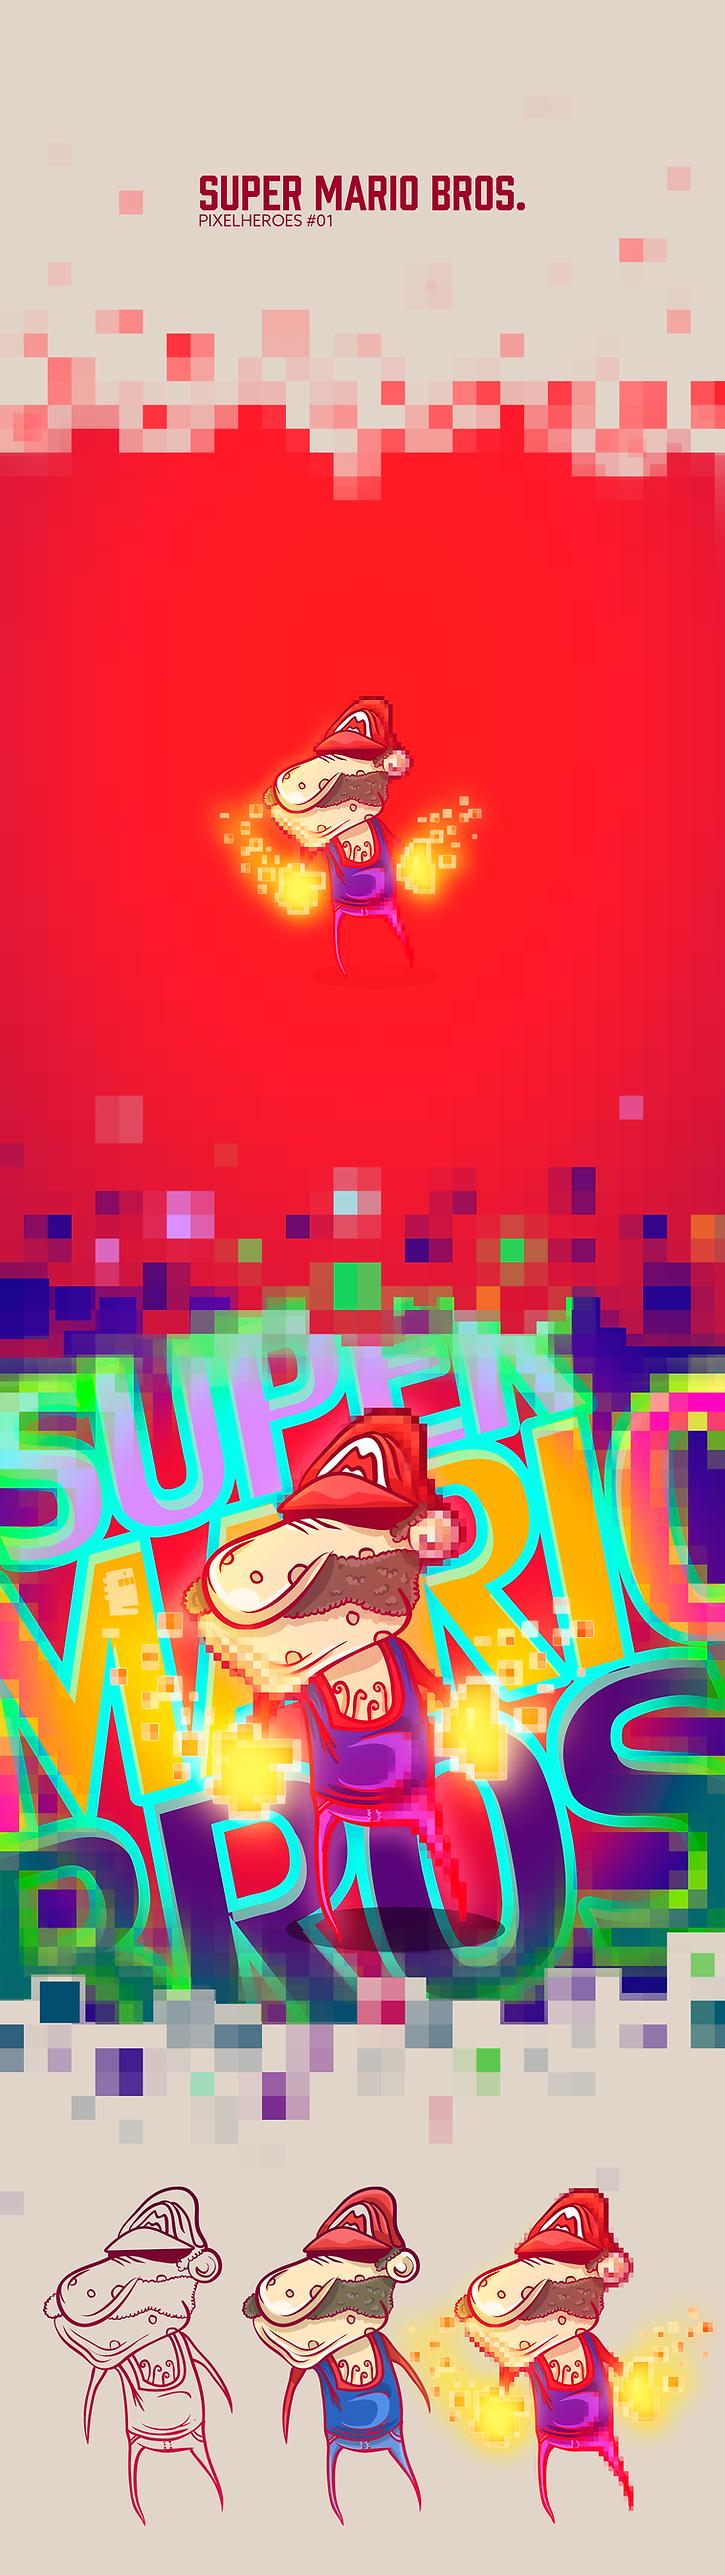 Behance---Pixelheroes-#01---Super-Mario-